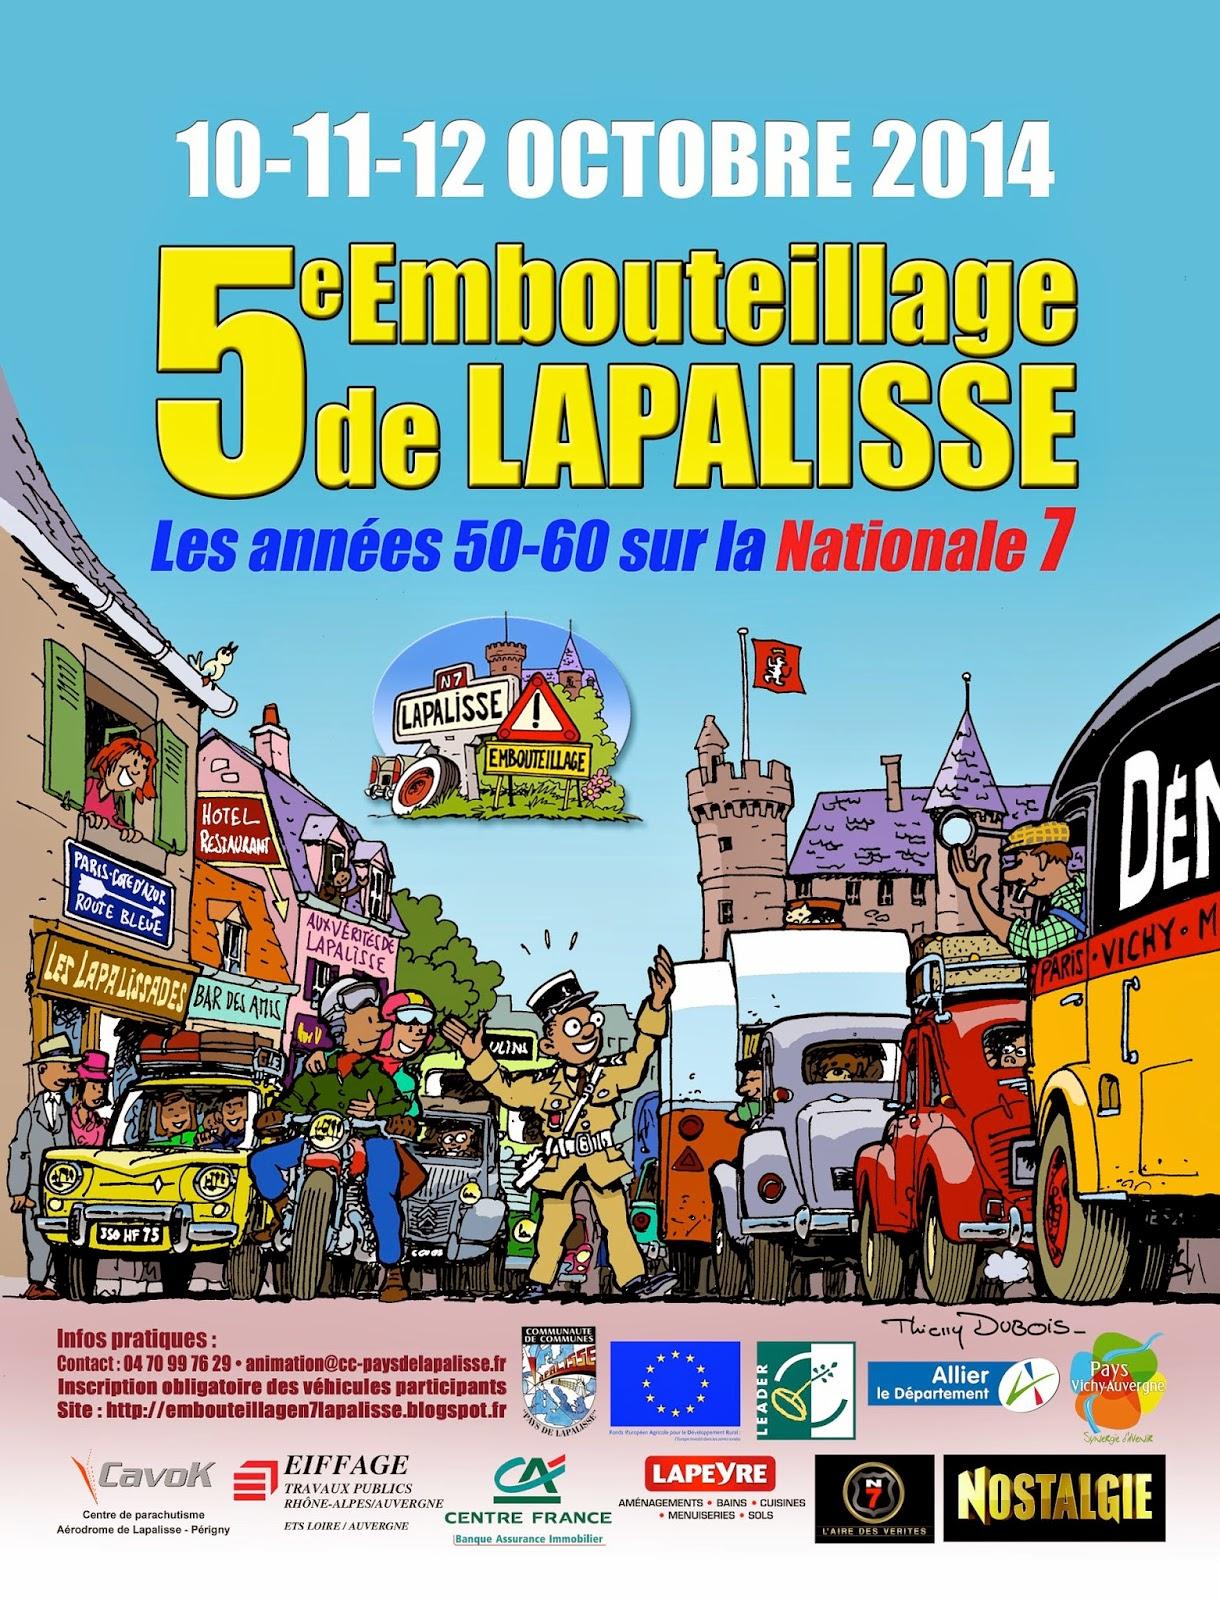 [EVENEMENT] 5eme Embouteillage de Lapalisse Affiche-Lapalisse-2014%2Bversion%2Bfinale